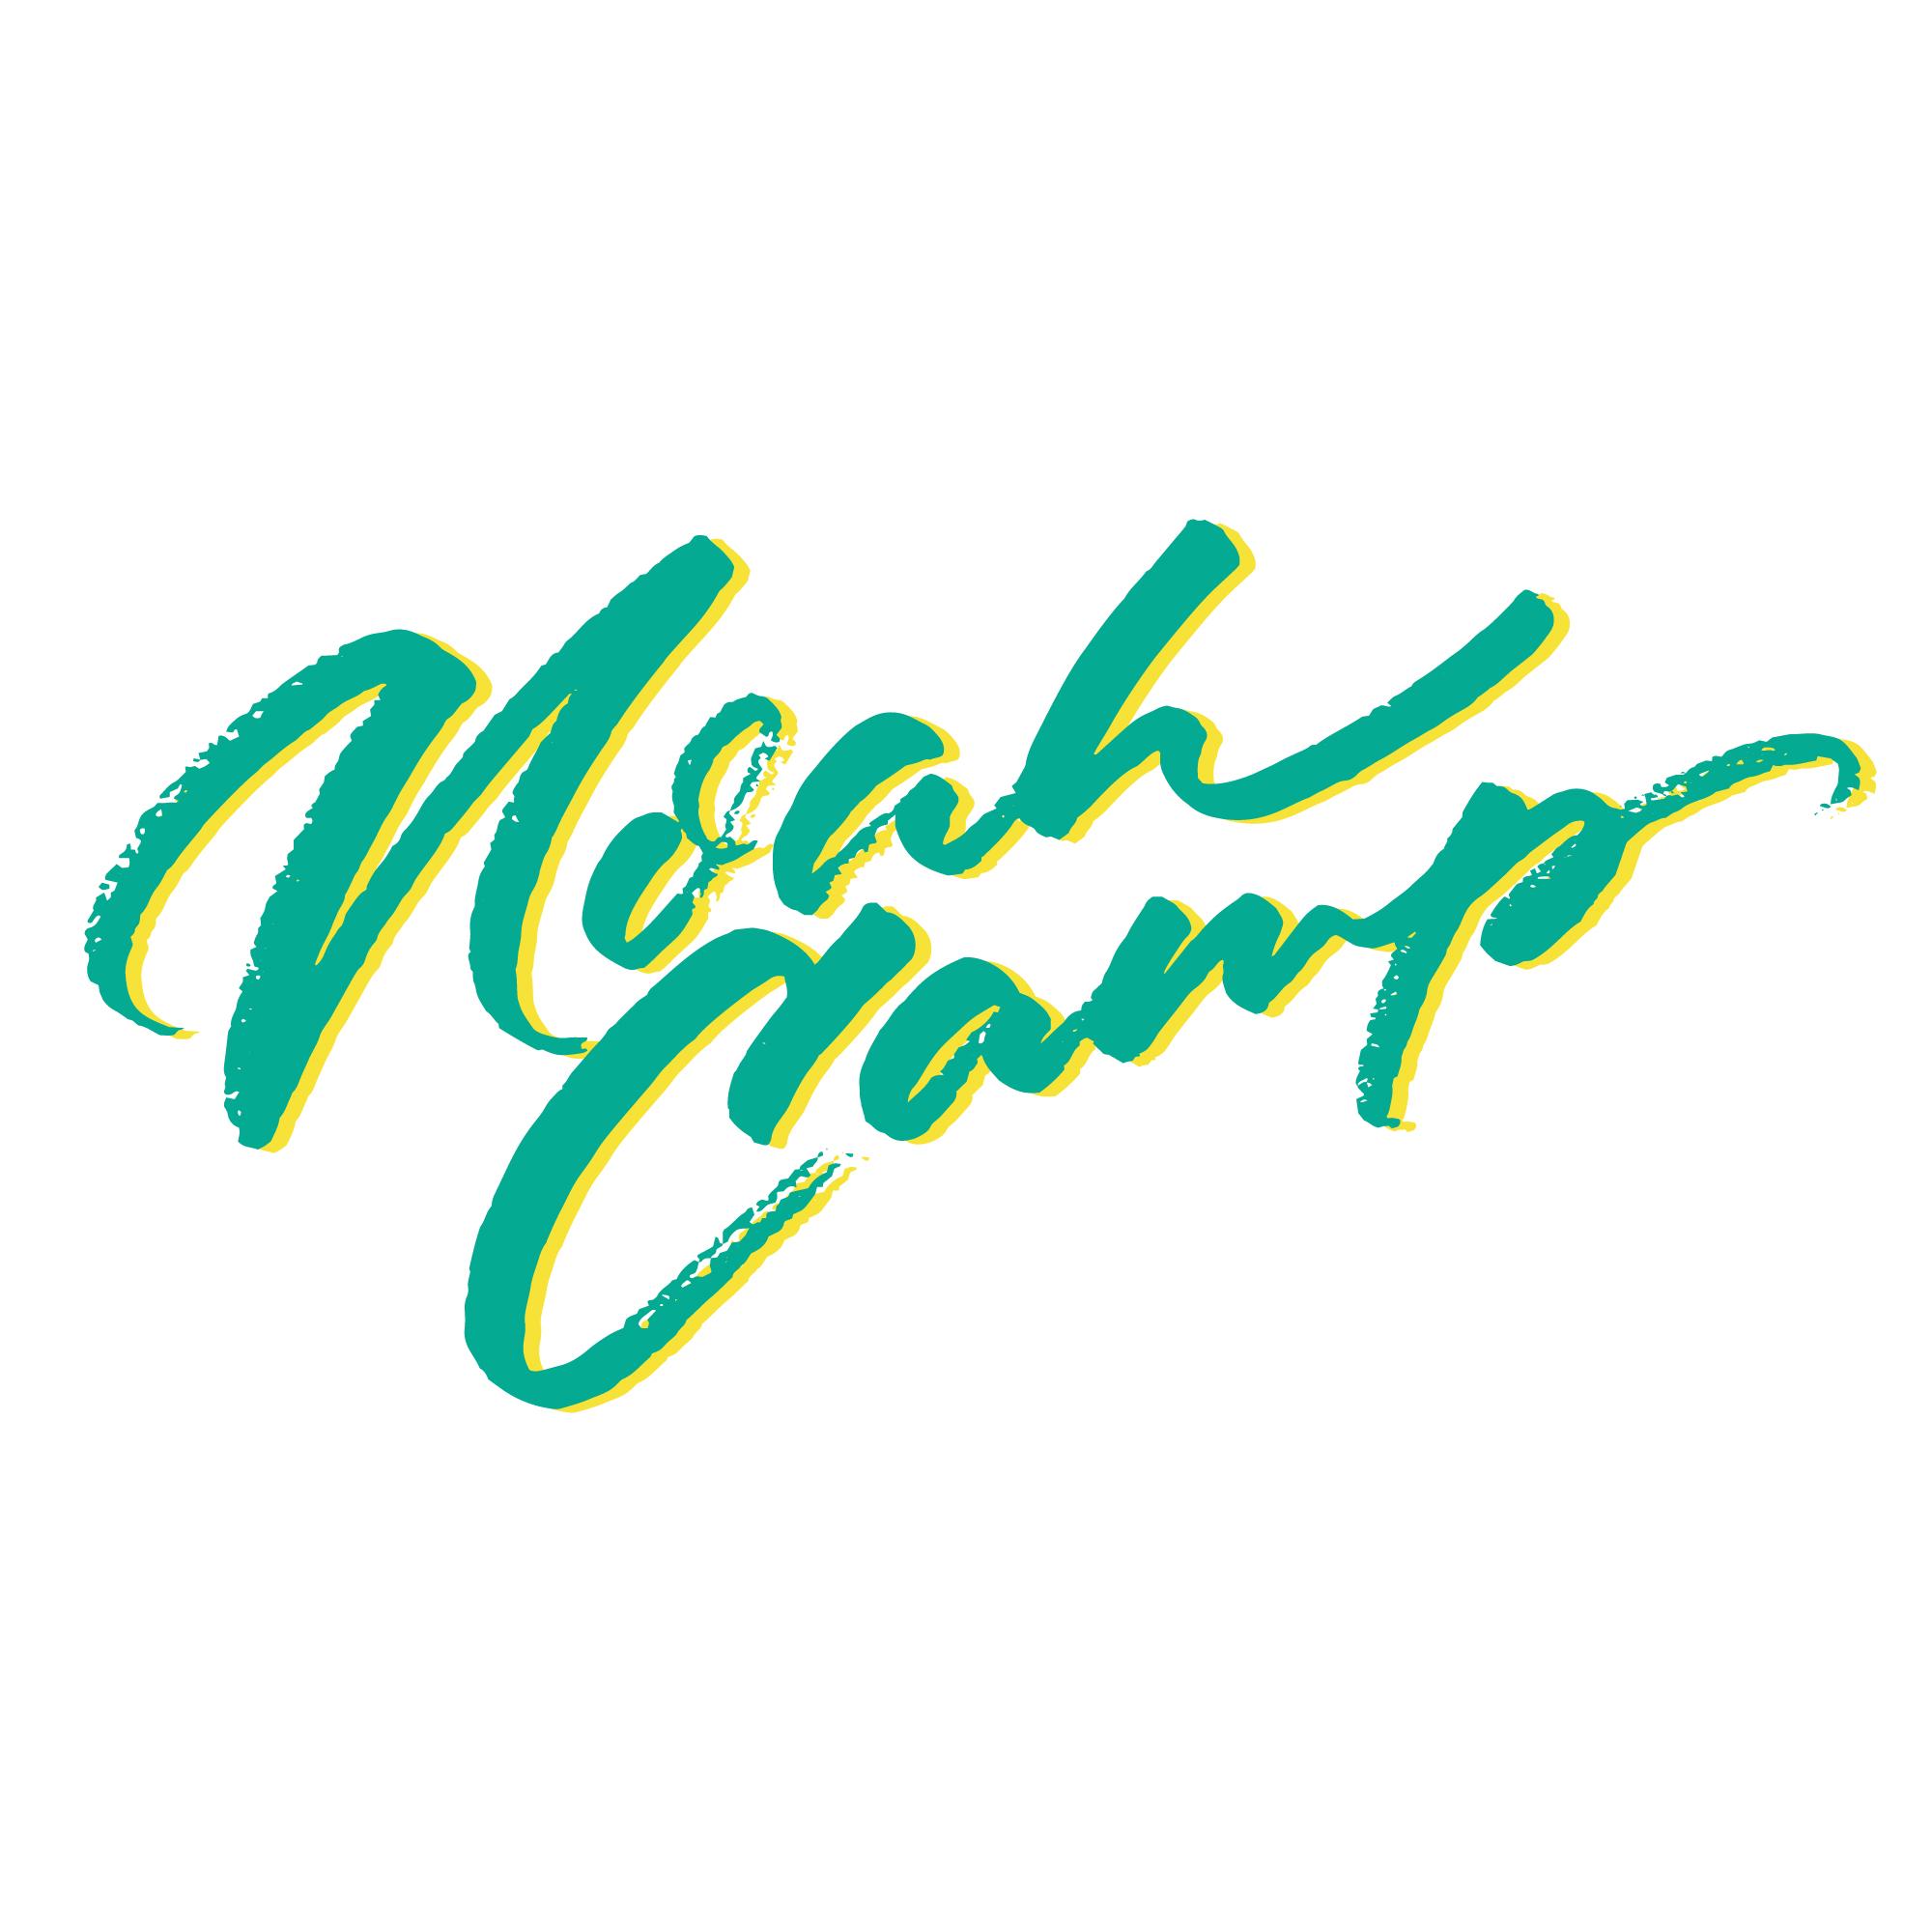 Noah Camp Design Logo and website